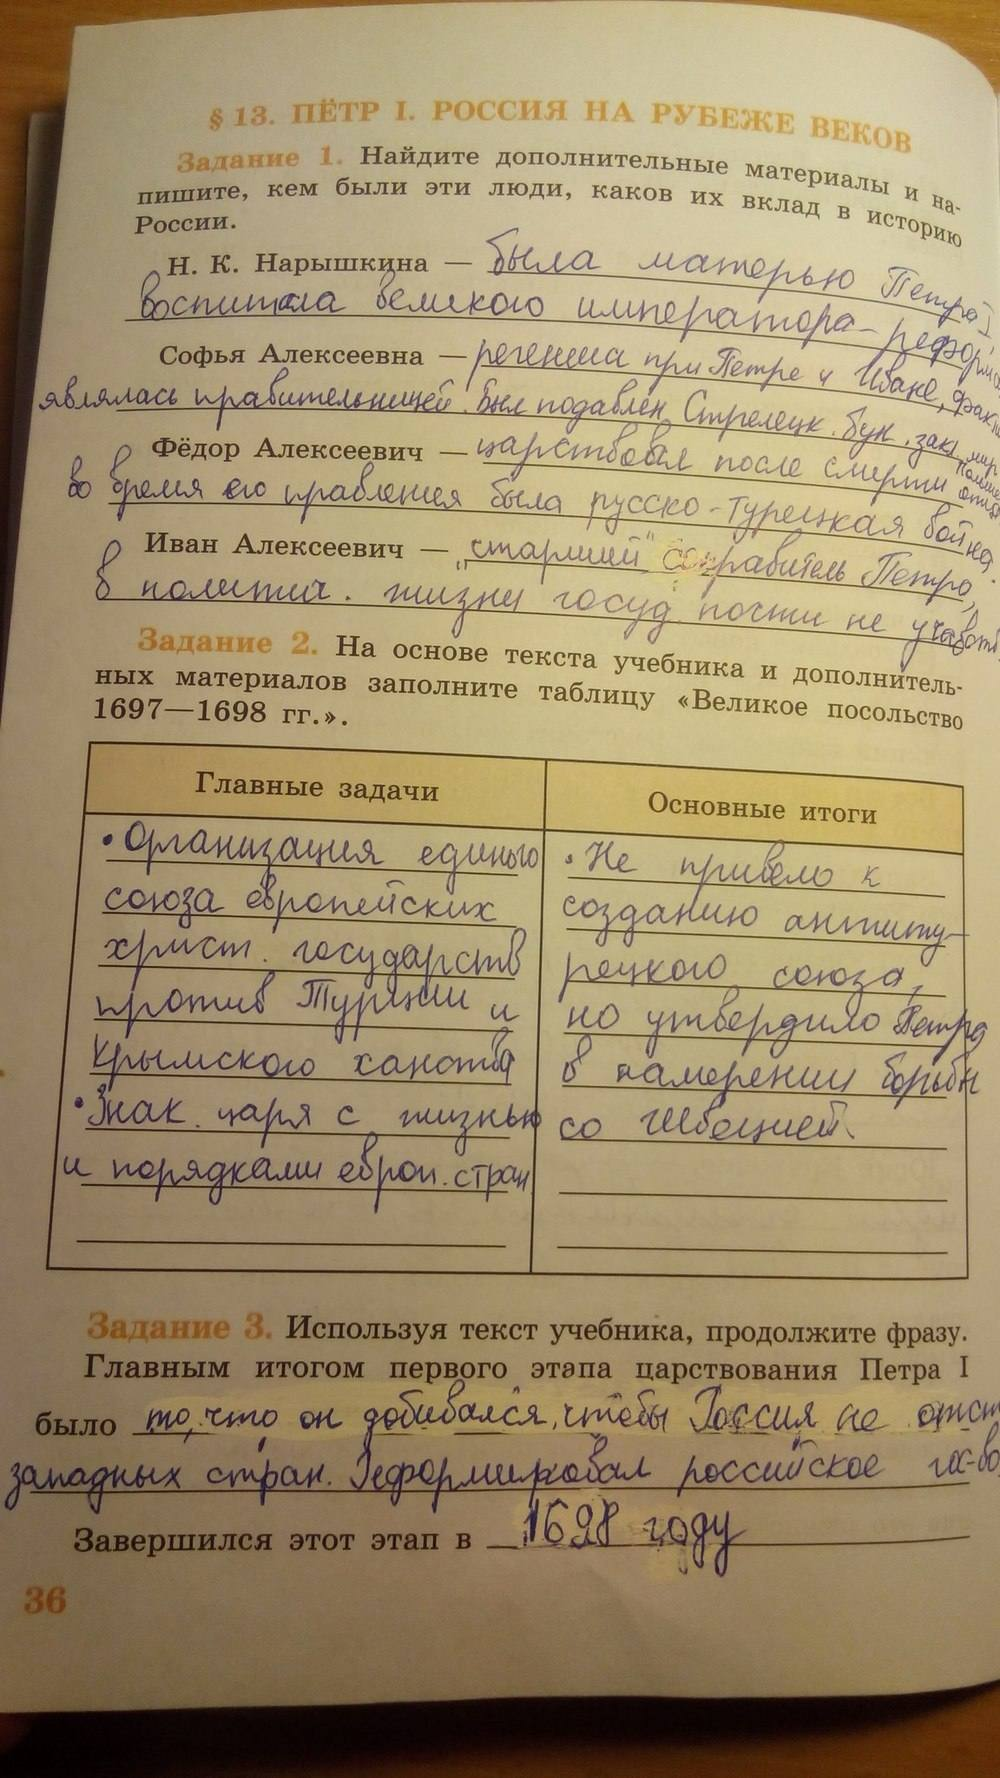 гдз по истории 6 класс история россии данилов косулина ответы